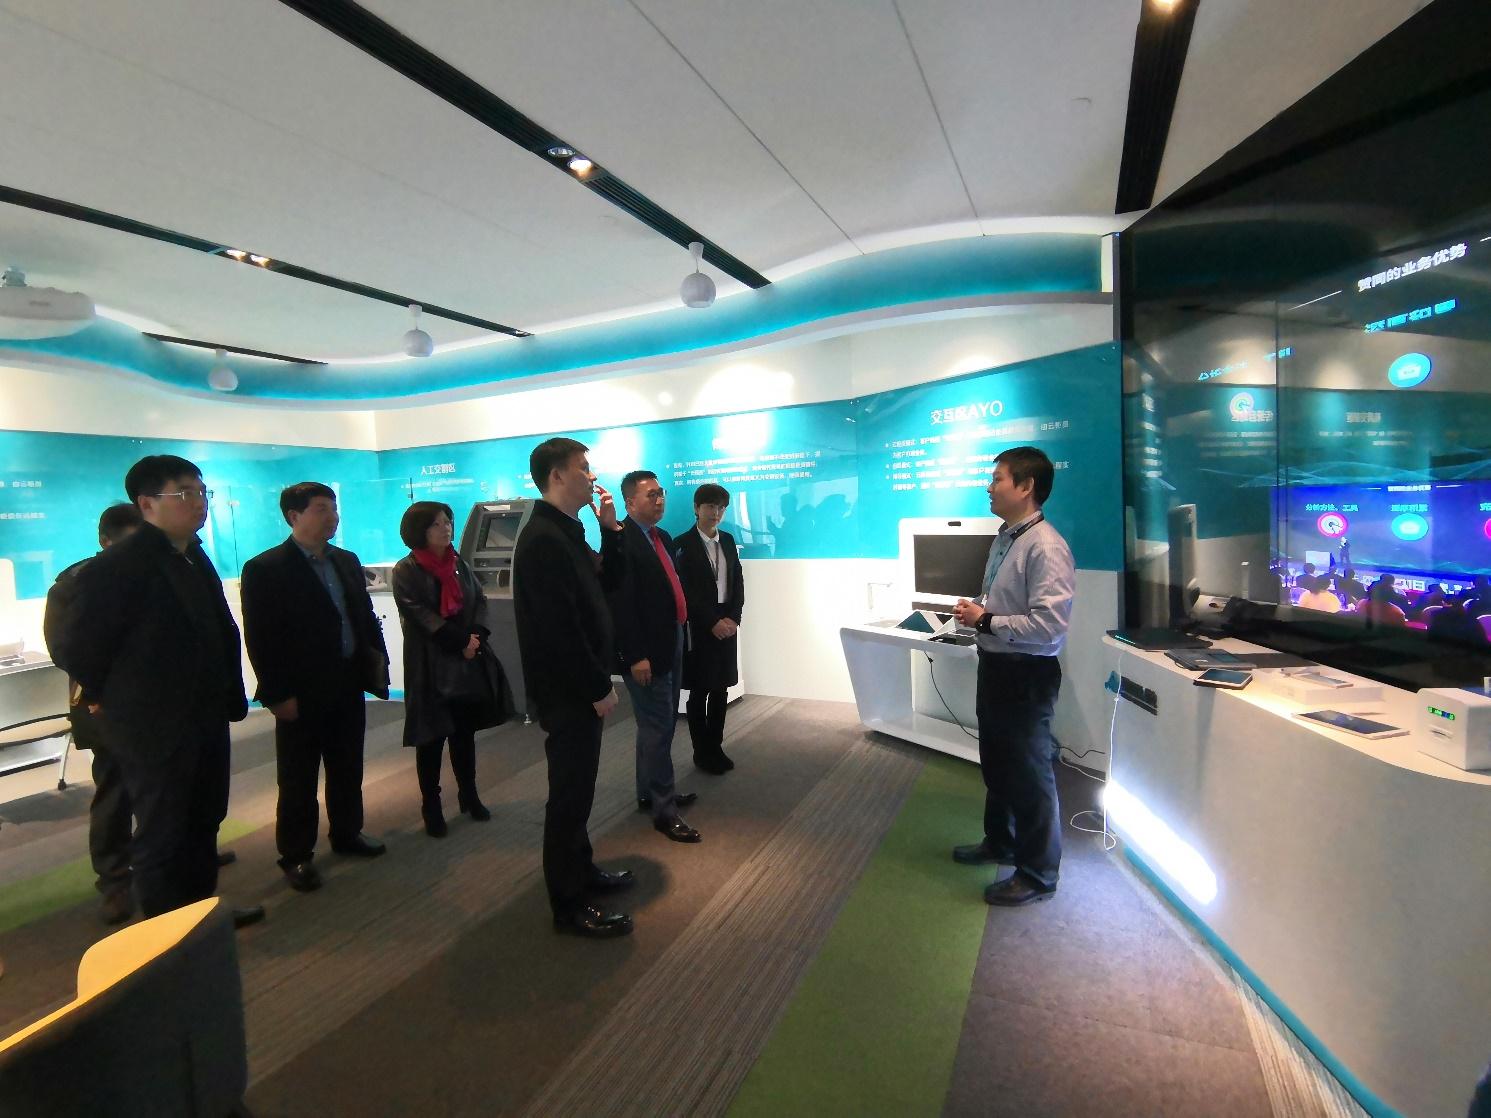 上海杨浦区政府谢坚钢区长一行莅临赞同科技调研和指导